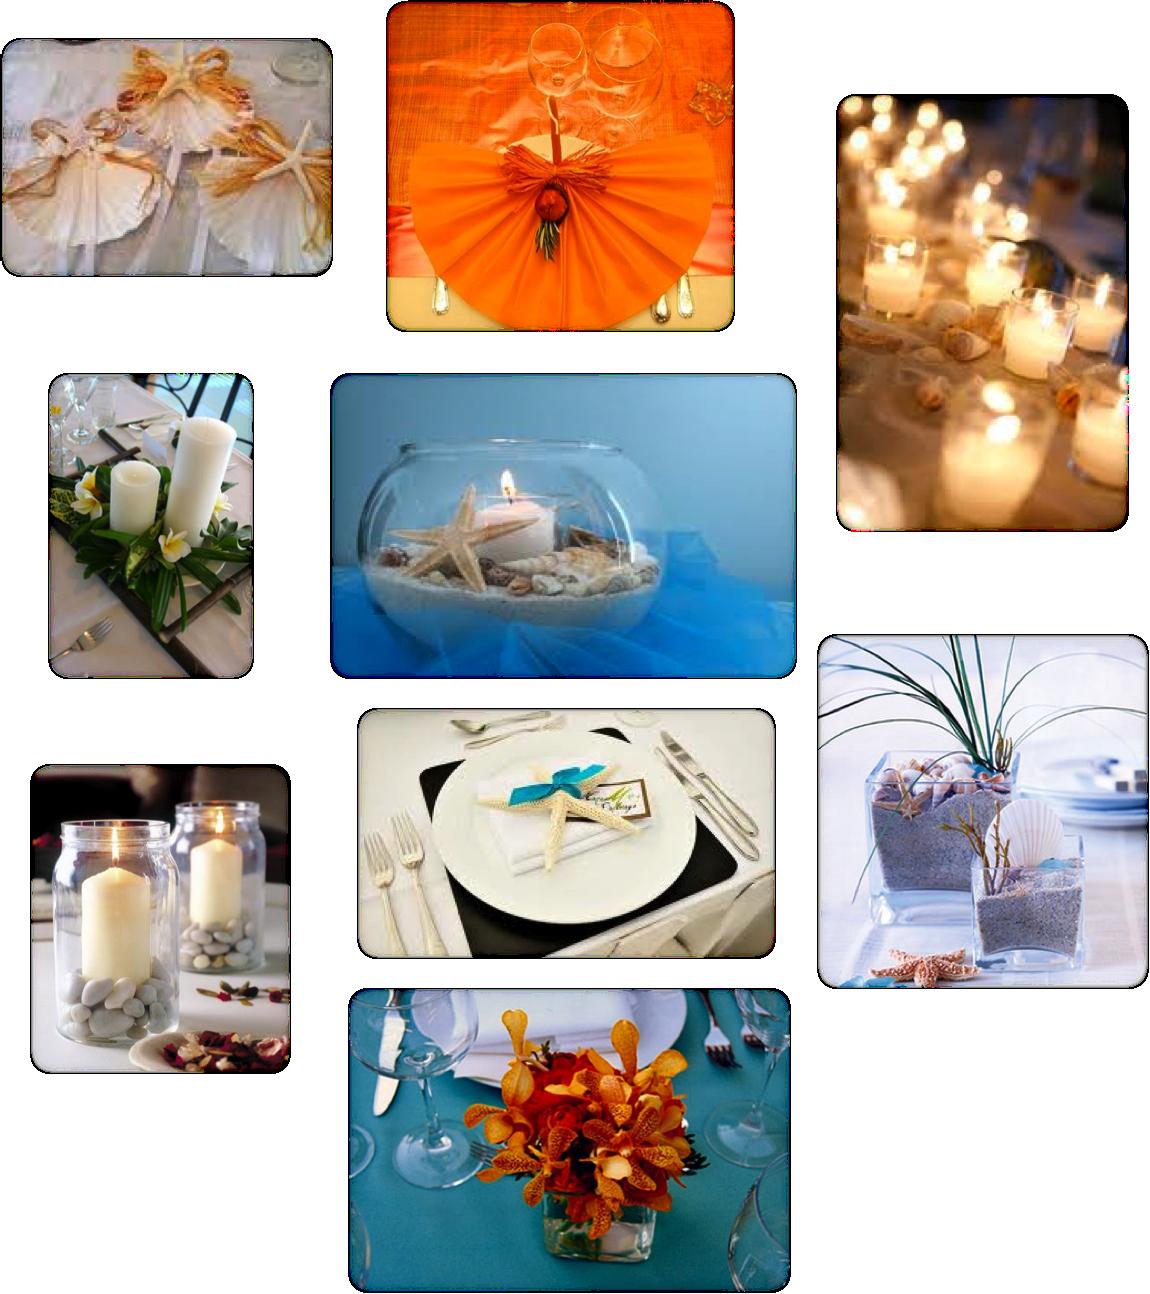 Centros de mesa reciclados para navidad ideas - Centro de mesa para navidad ...